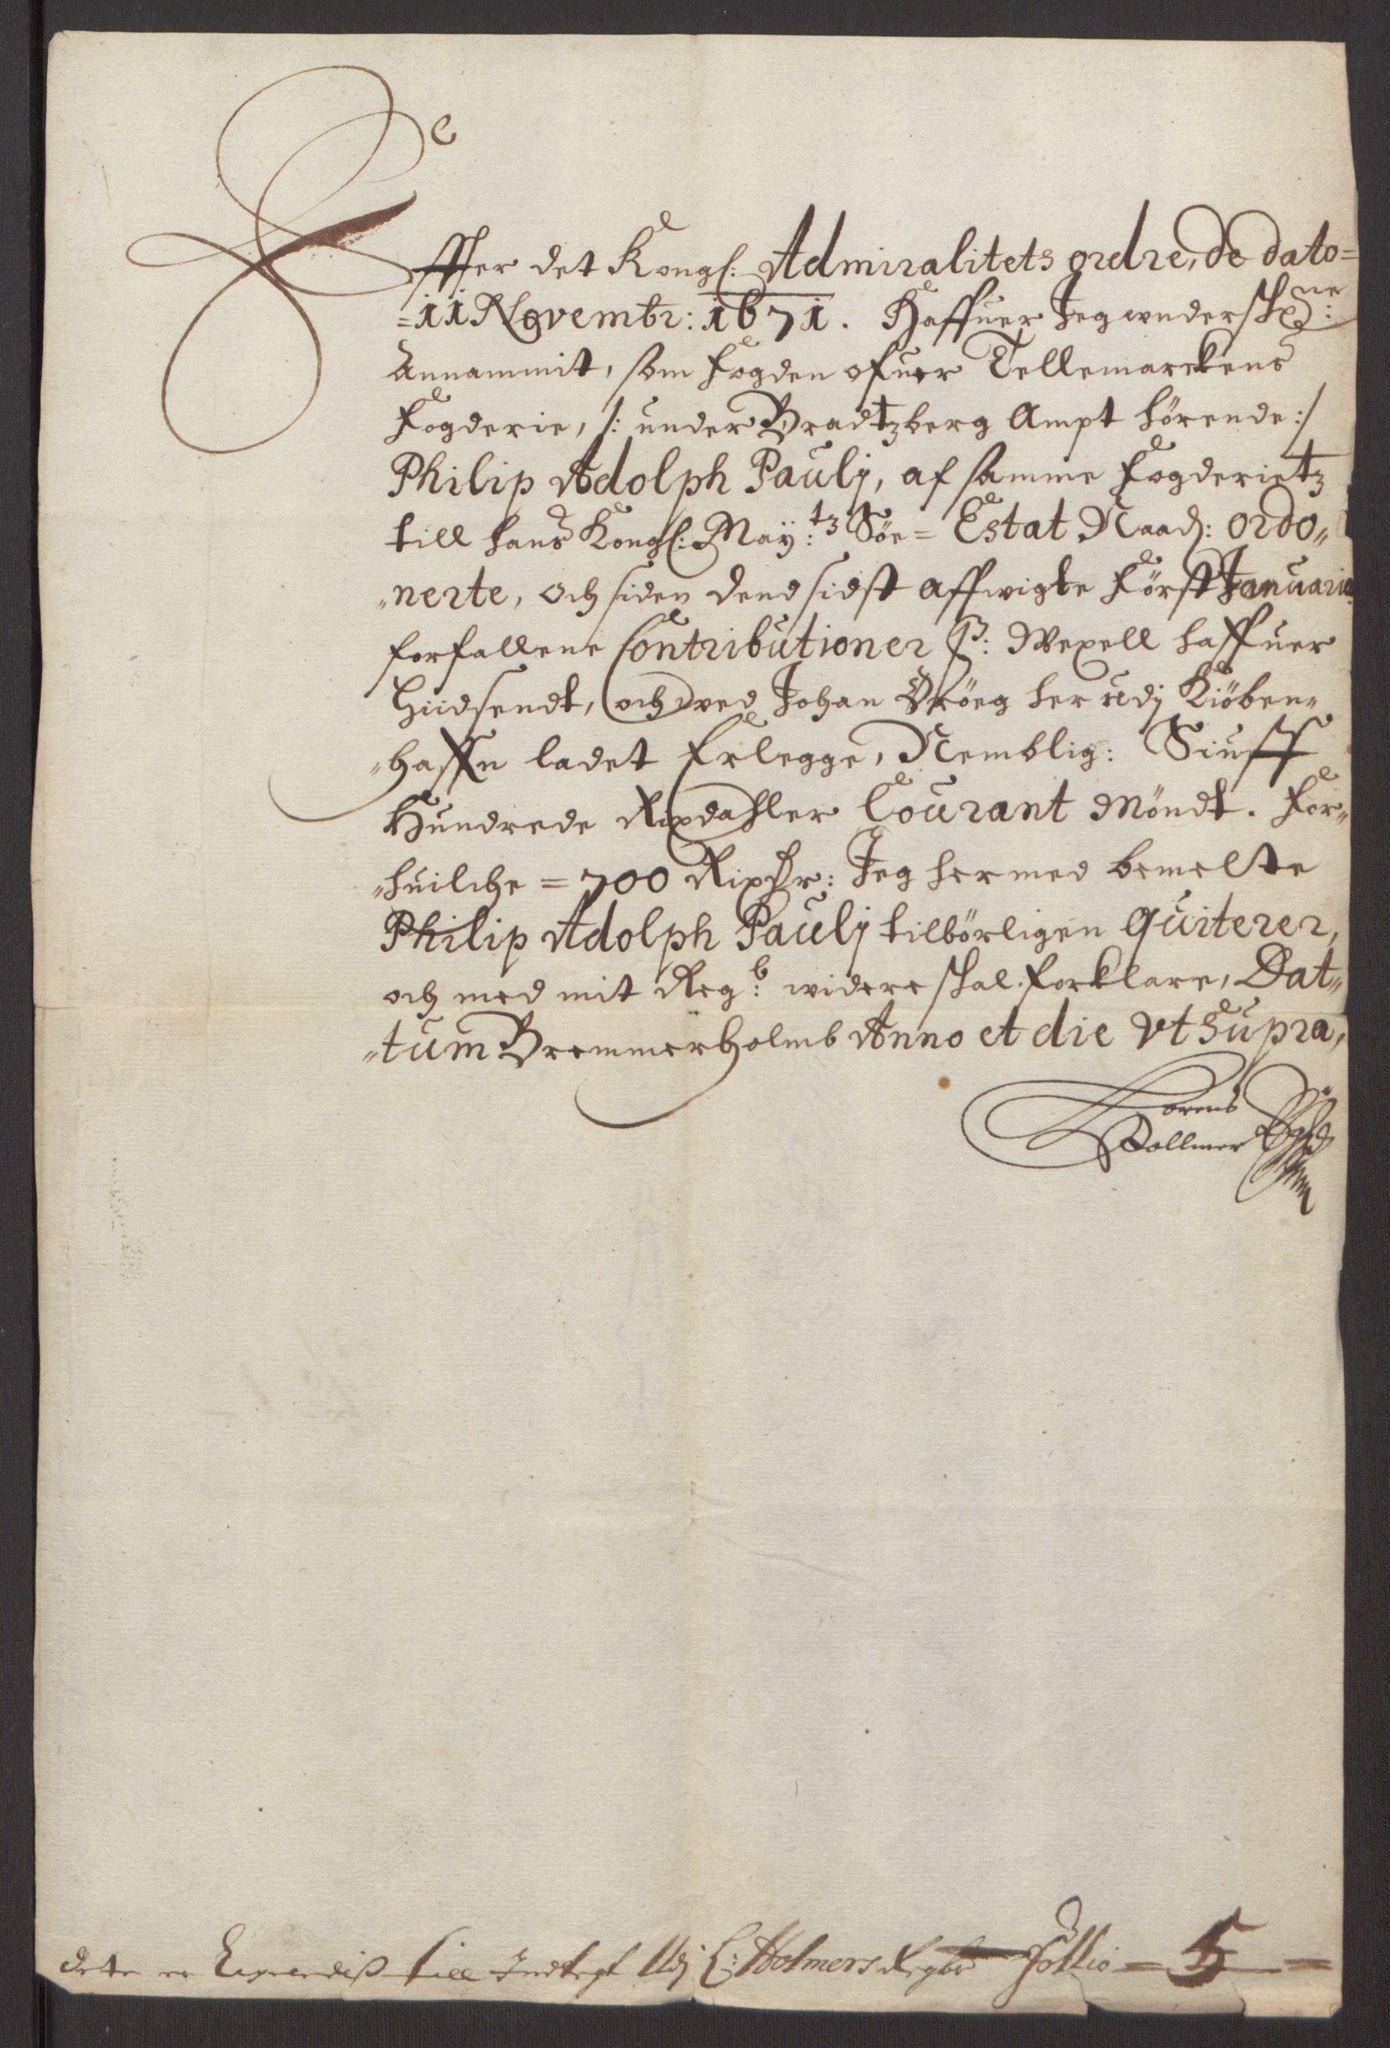 RA, Rentekammeret inntil 1814, Reviderte regnskaper, Fogderegnskap, R35/L2060: Fogderegnskap Øvre og Nedre Telemark, 1671-1672, s. 128